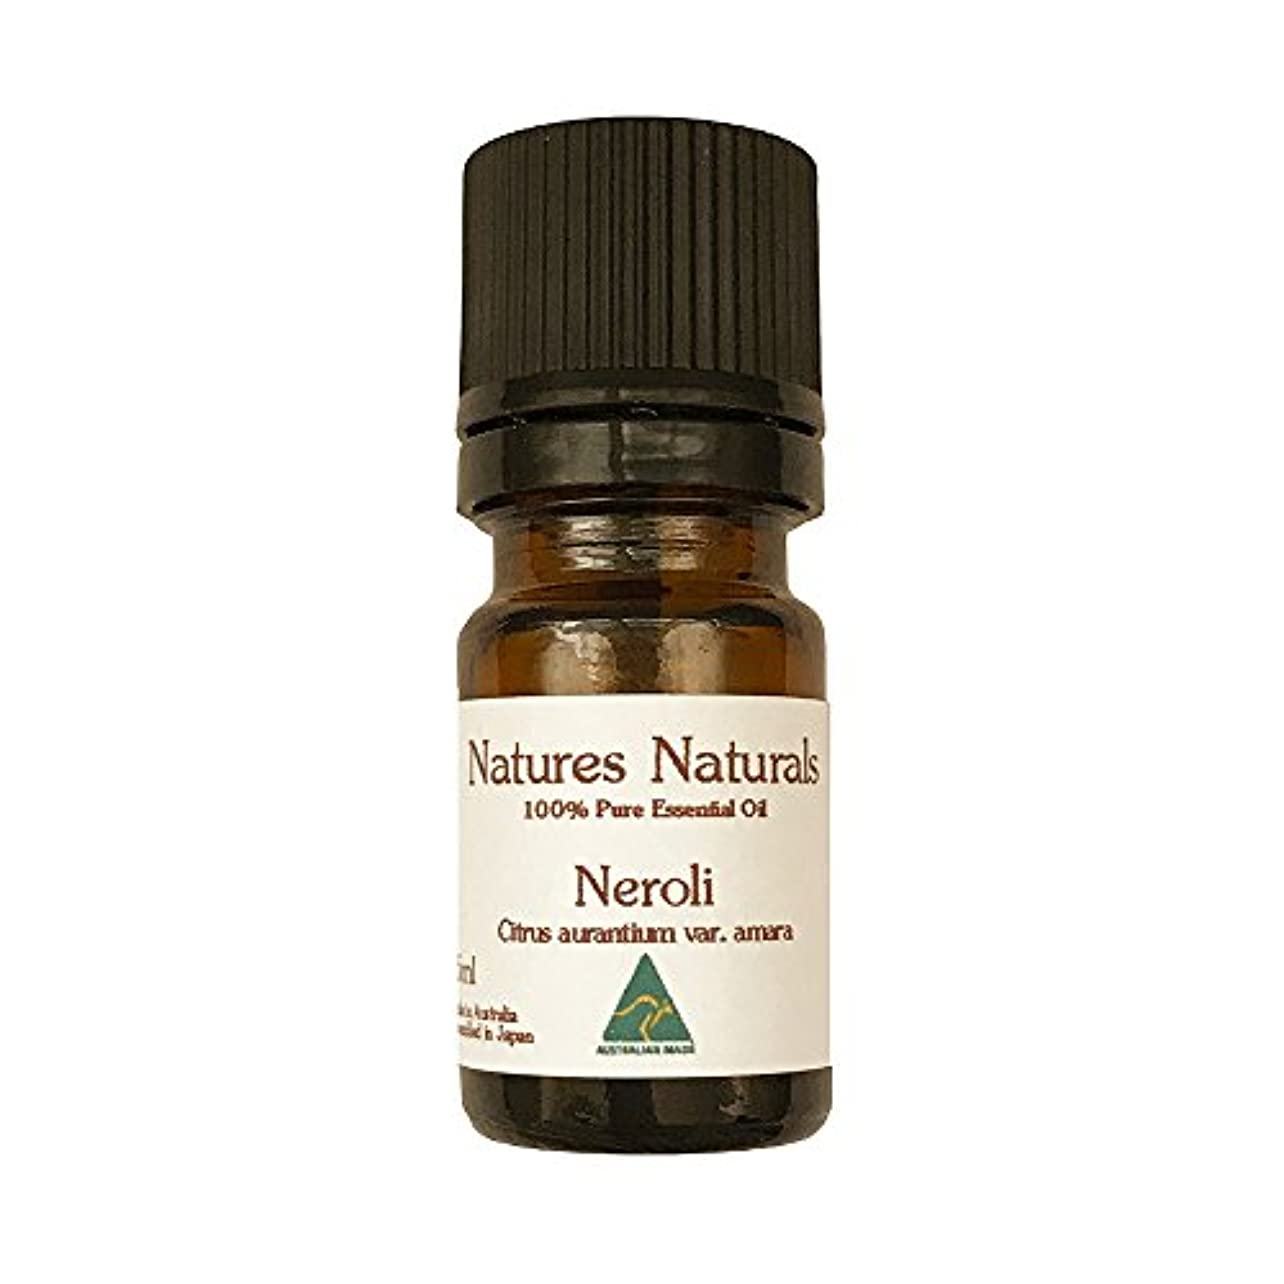 下ワインサーバネロリ 100% 天然精油 エッセンシャルオイル 5ml イタリア産ネロリ pure neroli essential oil